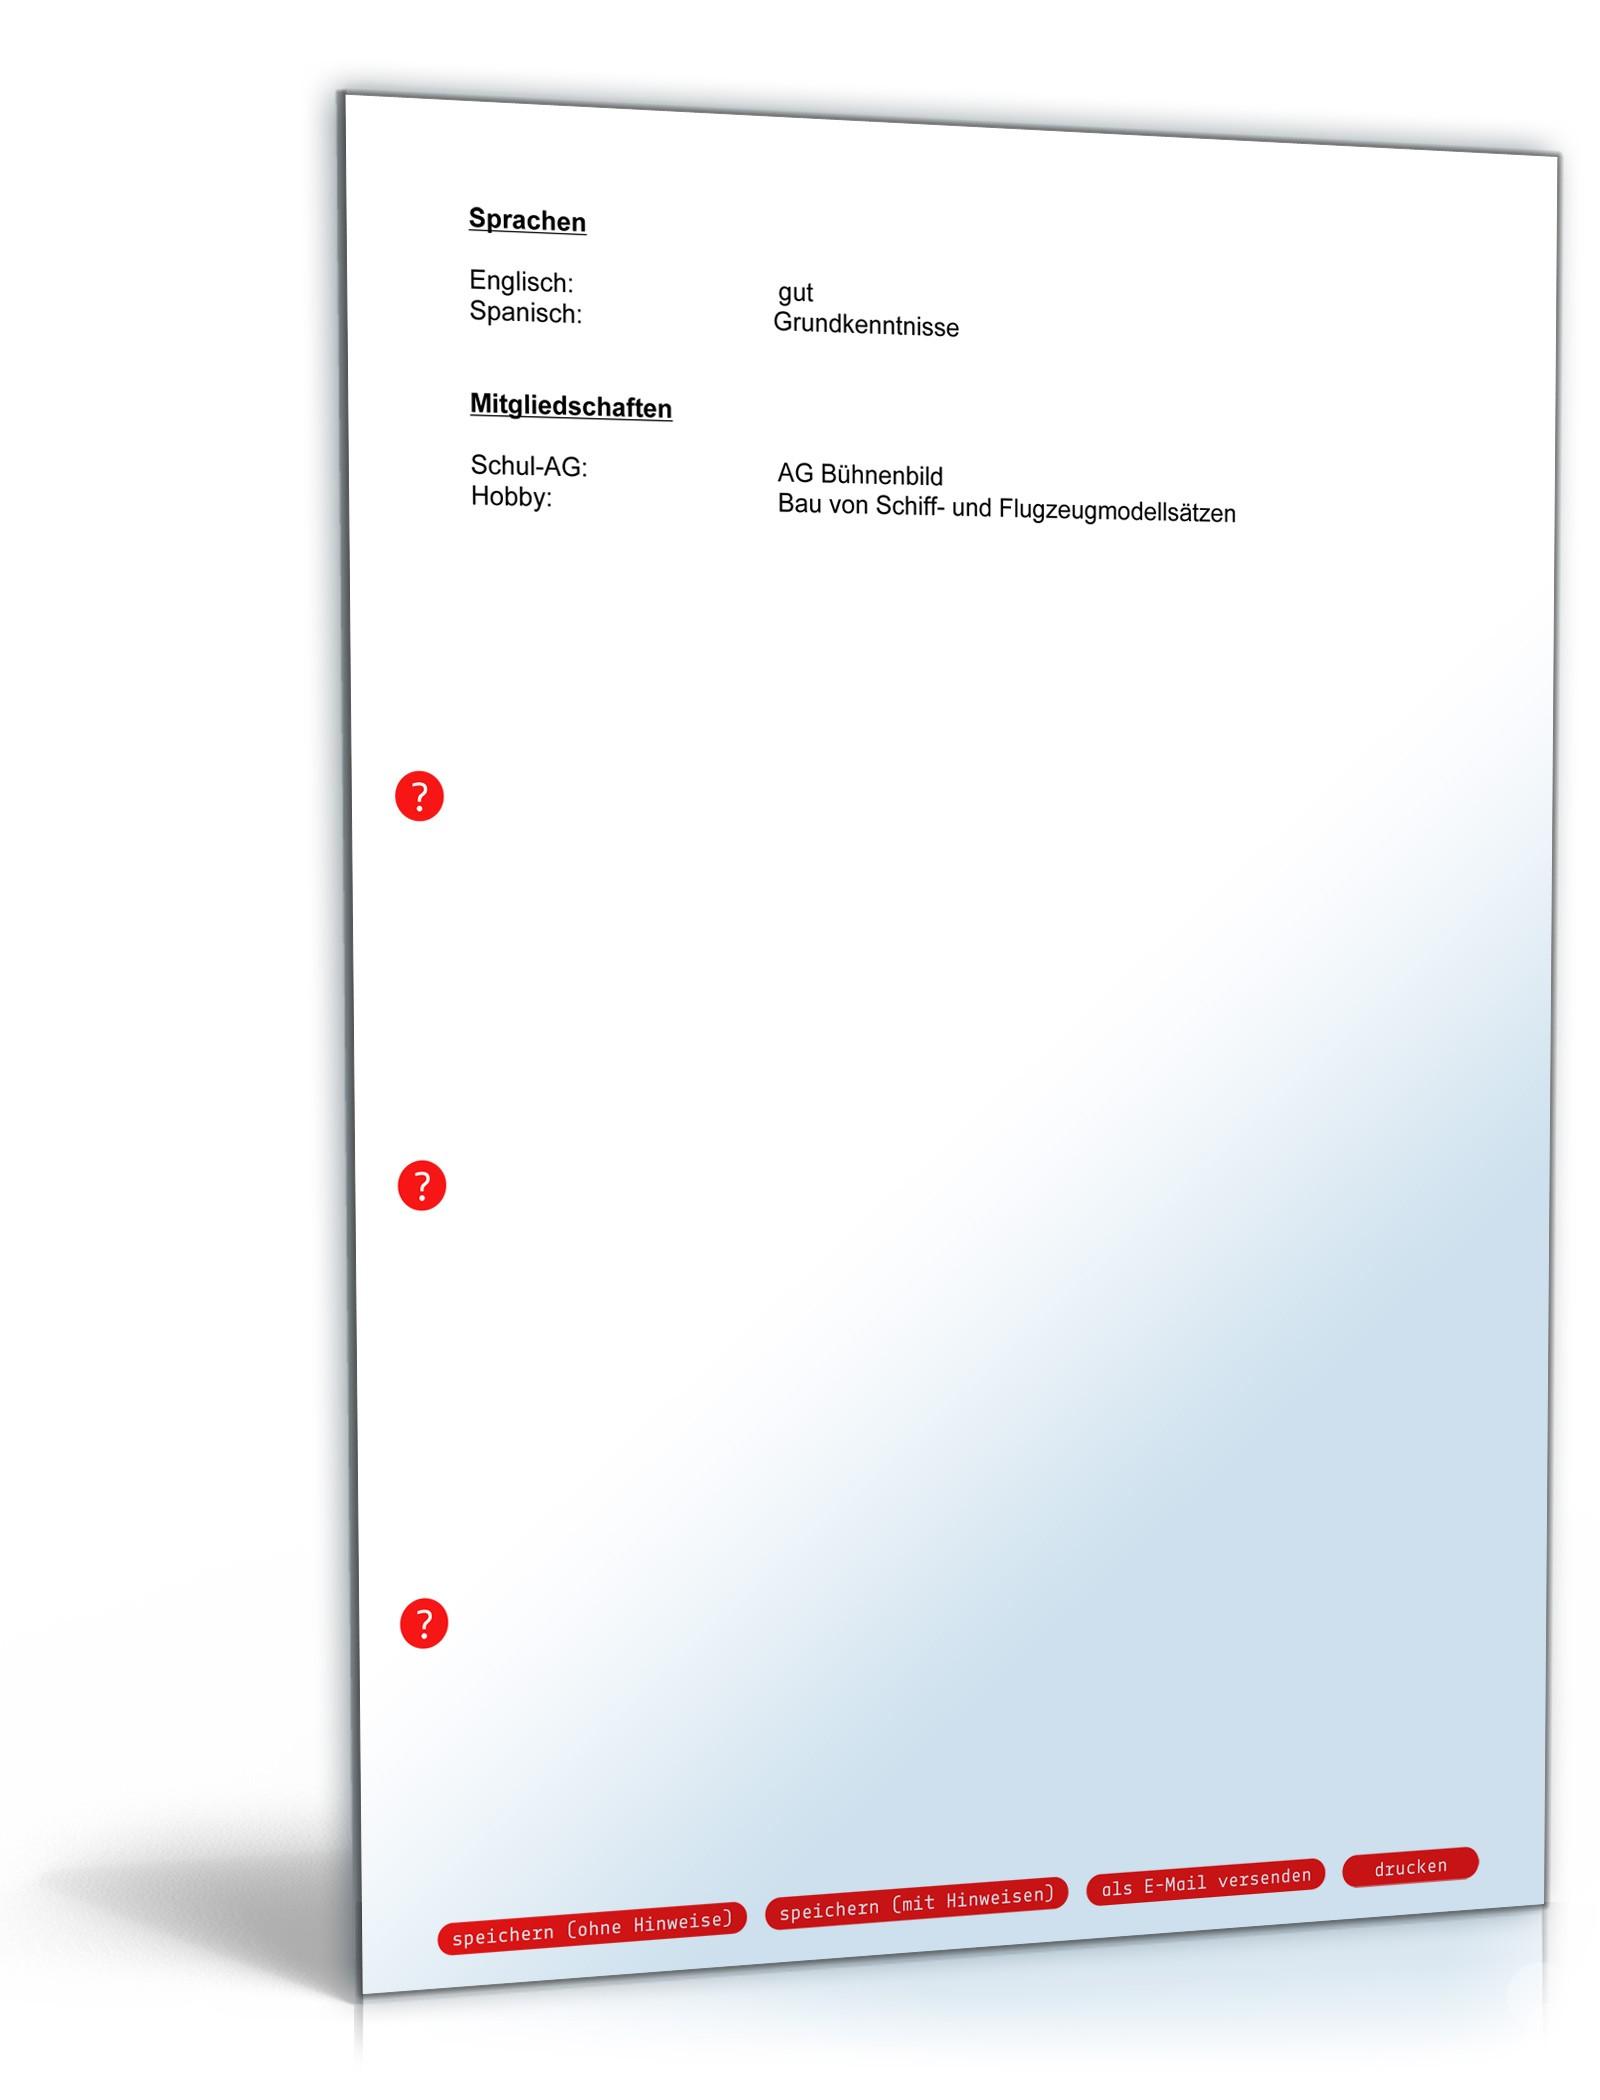 Lebenslauf Hauptschulabschluss Ausbildungsplatz | Muster zum Download